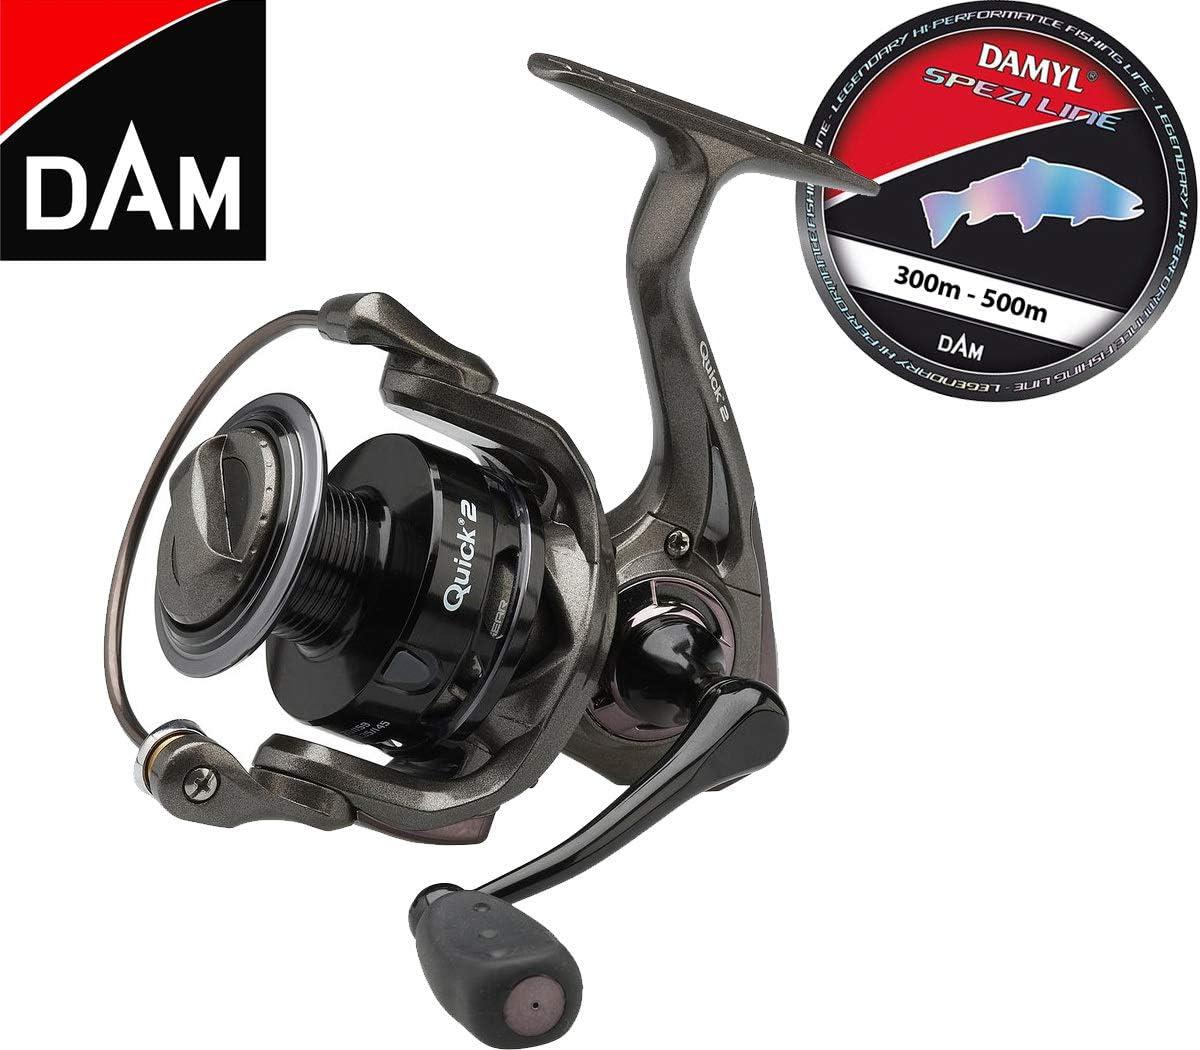 Dam Quick 2 2000 FD Spinnrolle mit Frontbremse SpeziLine Schnur